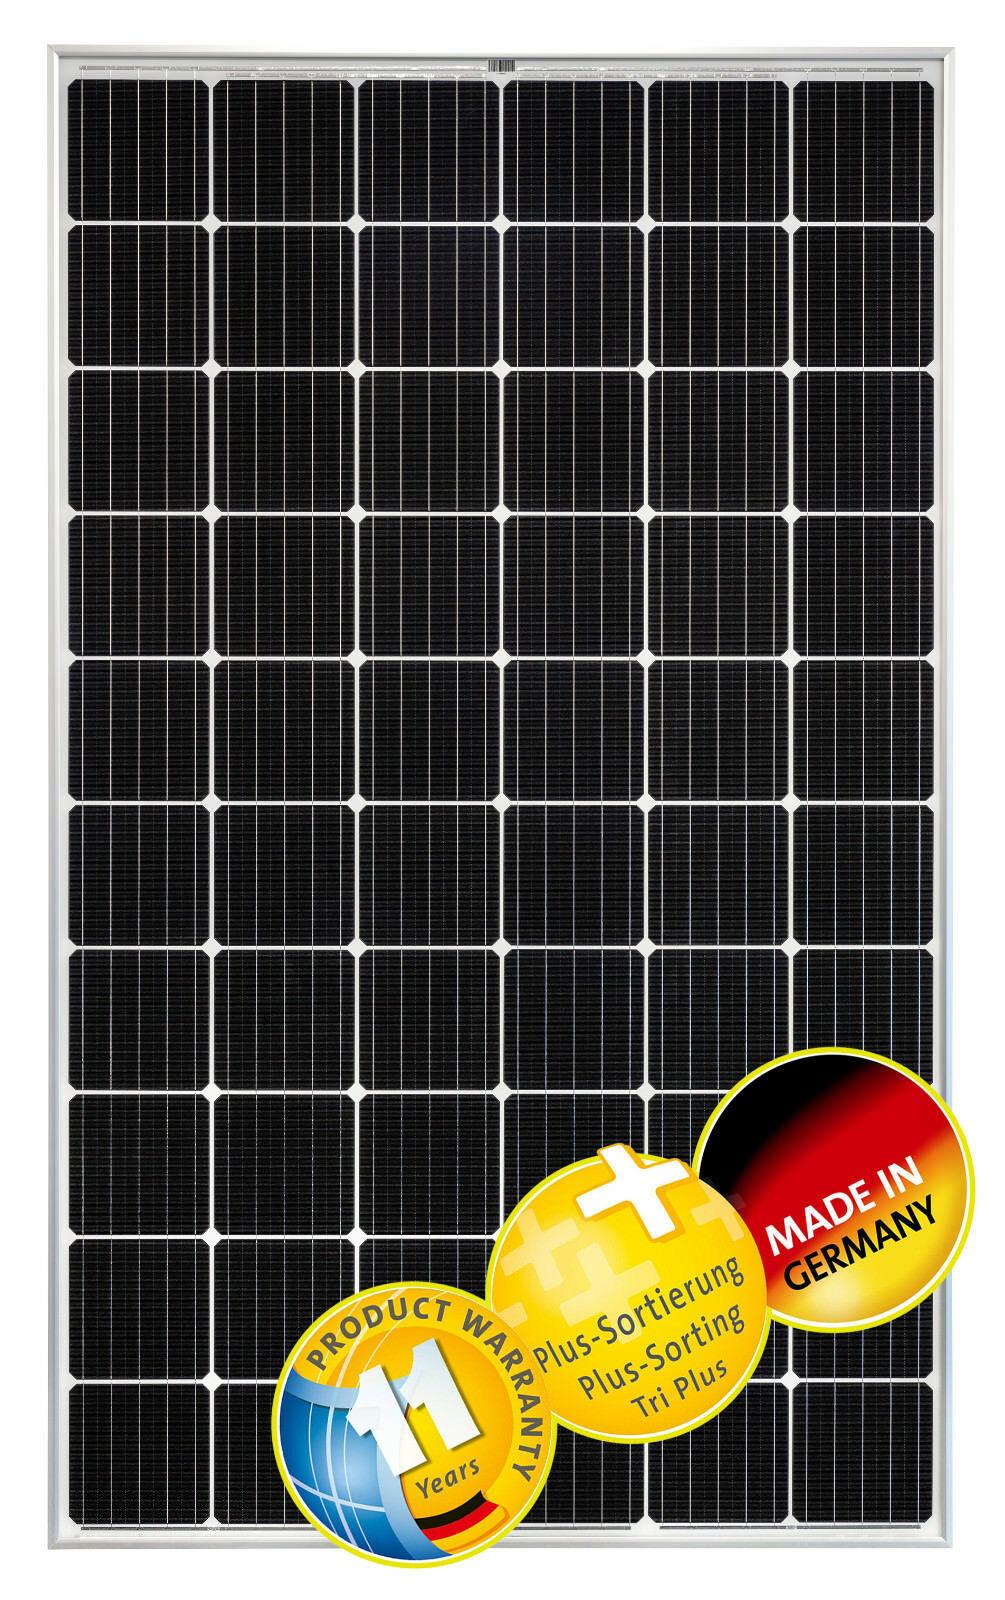 325W SOLARPANEL SOLARMODUL PHOTOVOLTAIK MODUL SOLARZELLE MONOKRISTALLIN SOLAR